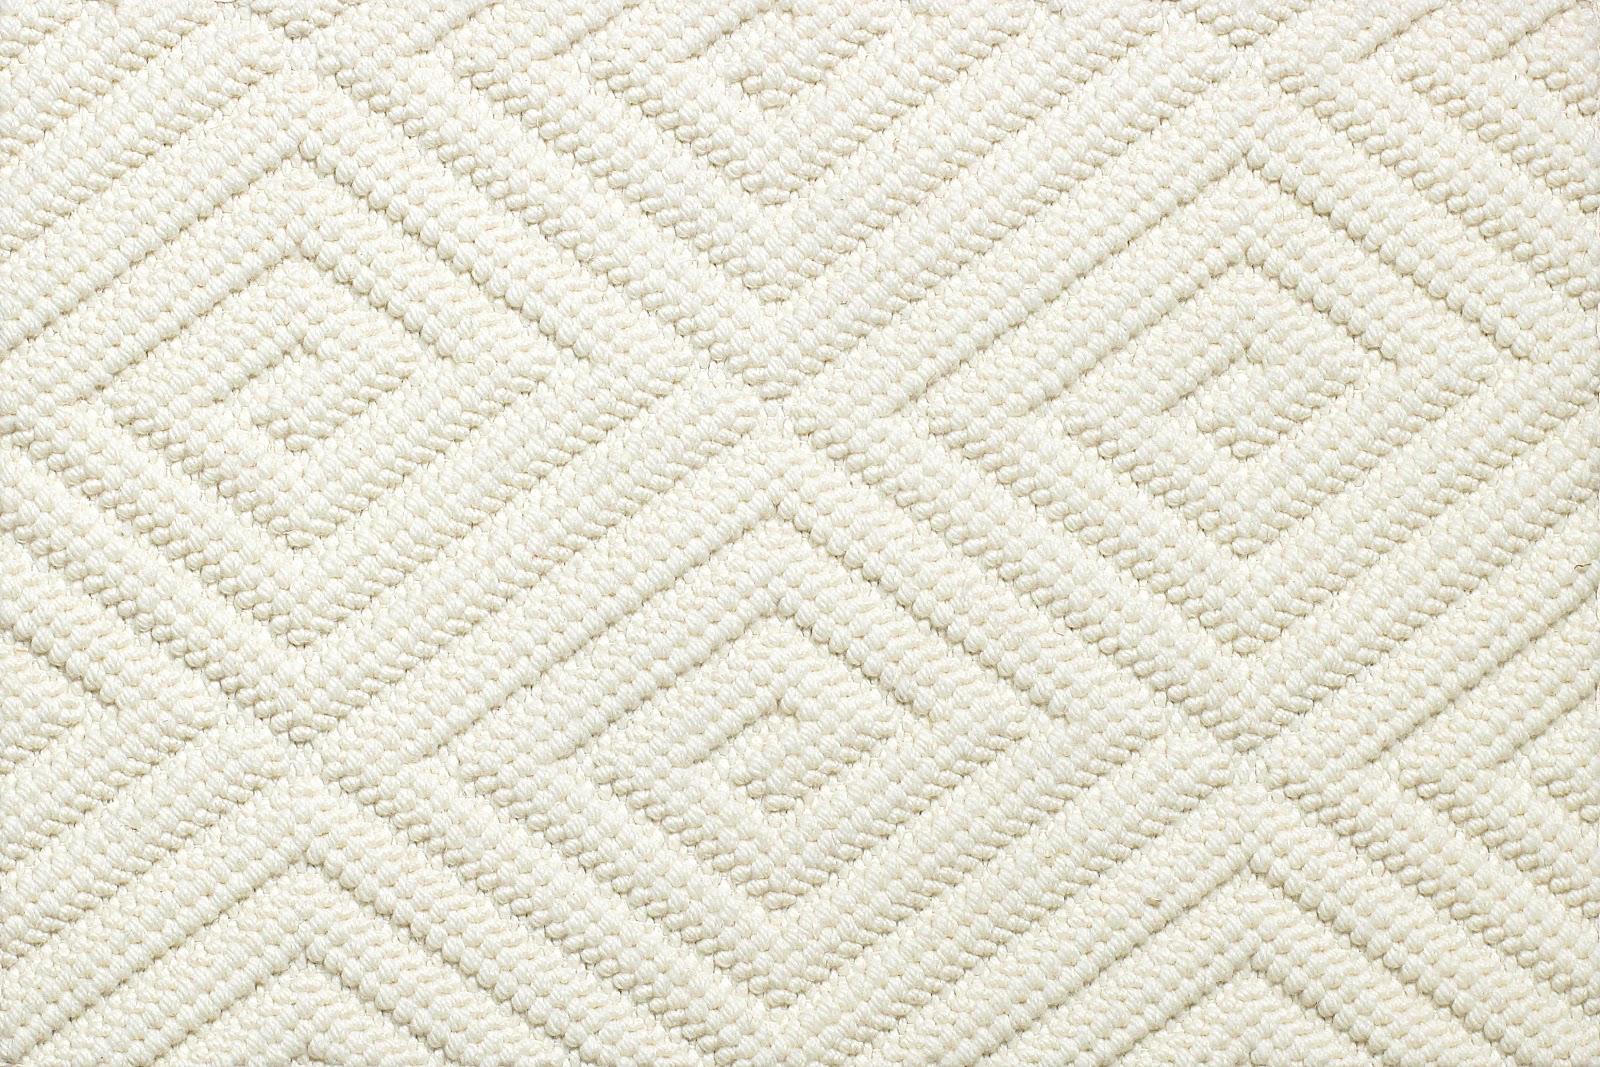 Stark Astinn White Gold Standard Floor Care